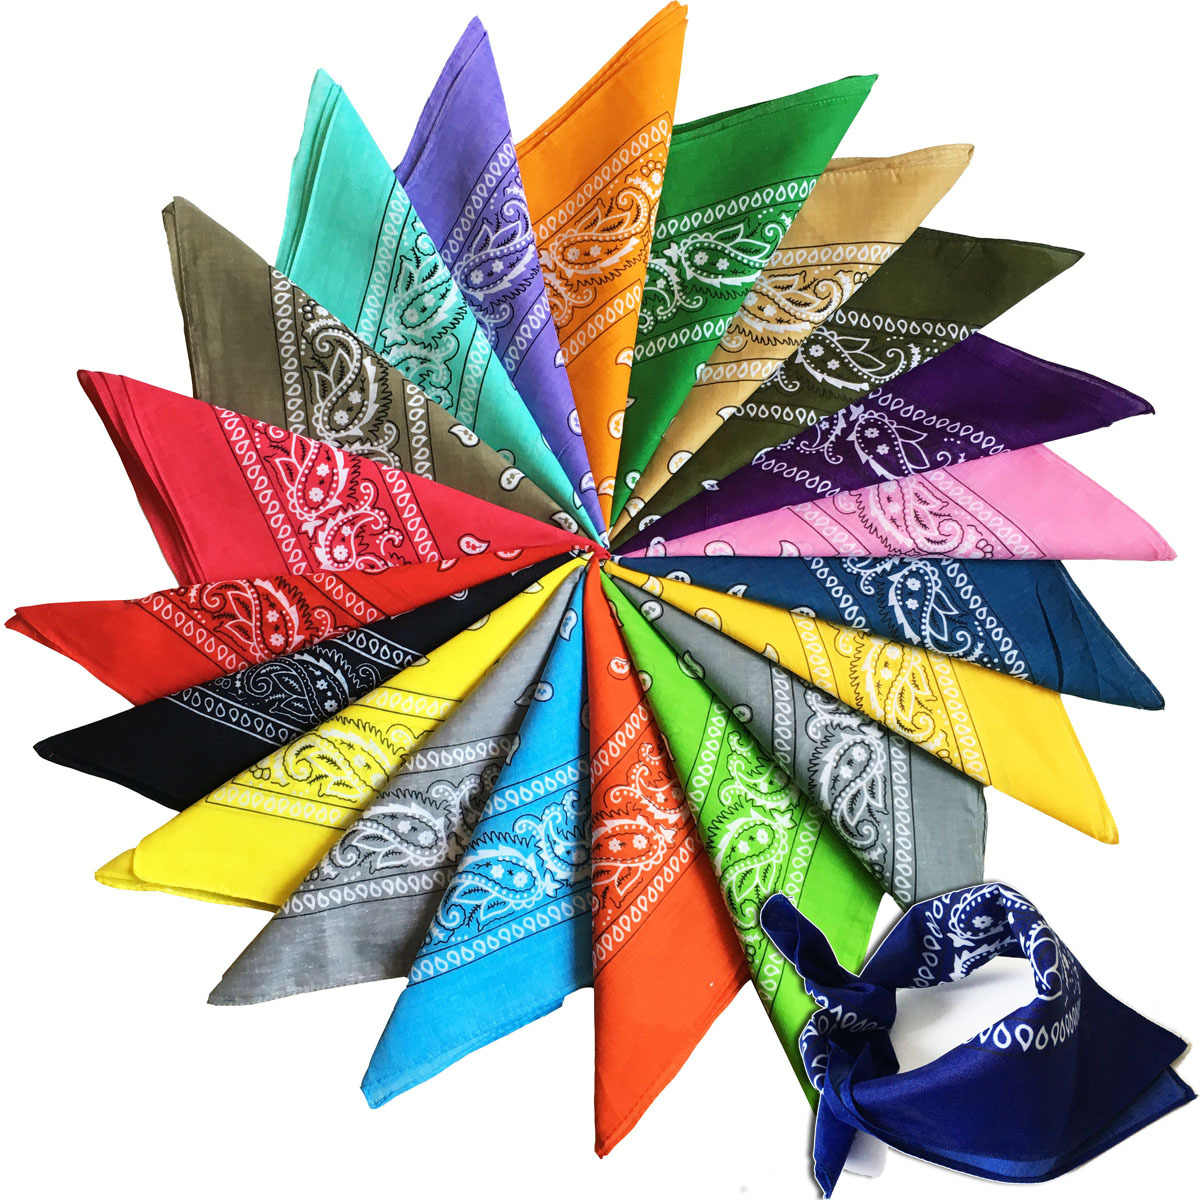 34 renk! 55*55 cm Yeni Hip-Hop Pamuk Harmanlanmıştır Marka Bandanalar Erkek Kadın Sihirli başörtüsü Eşarp doğum günü hediyesi Için başörtüsü